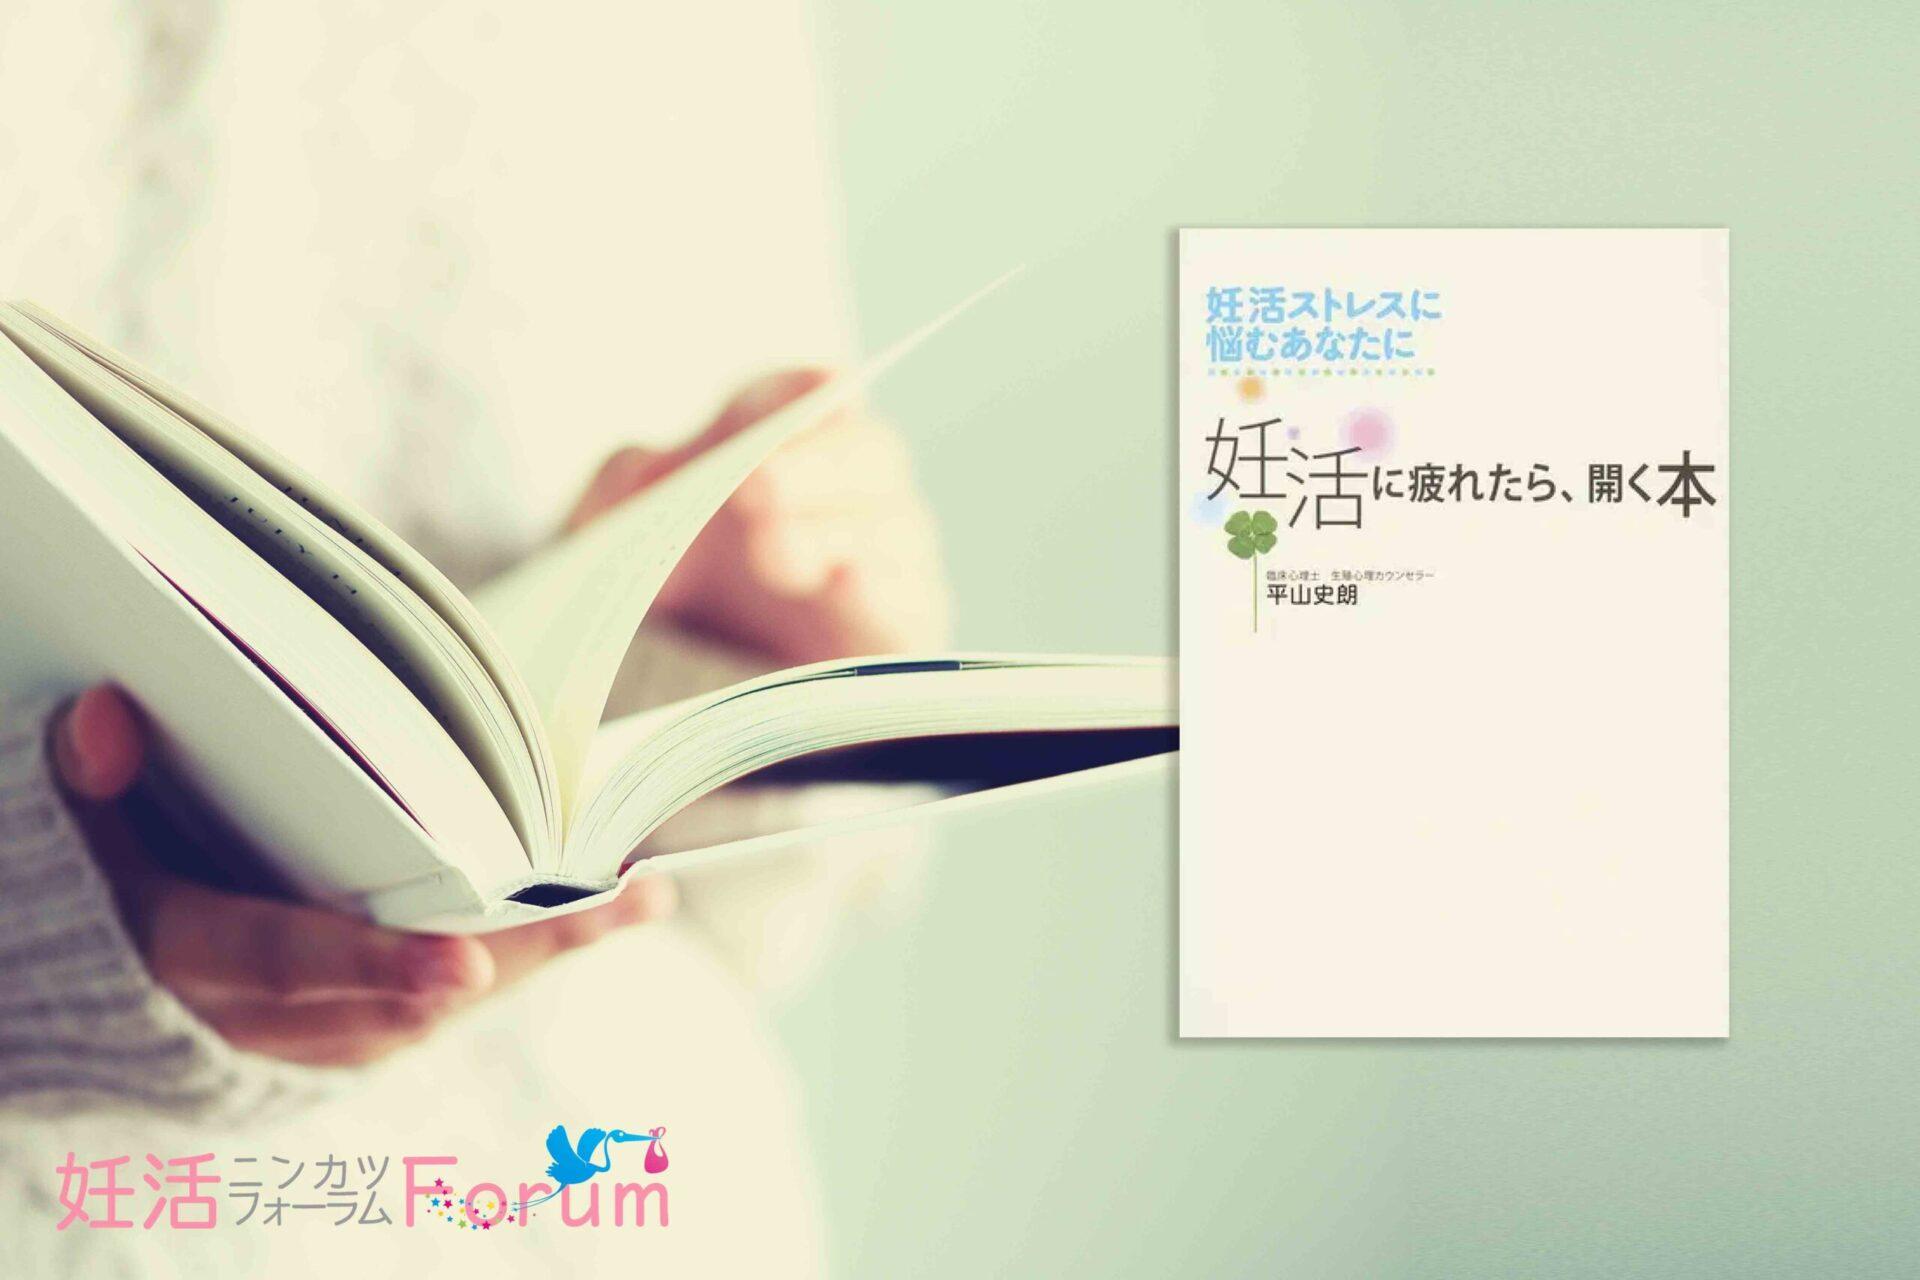 妊活に疲れたら、開く本